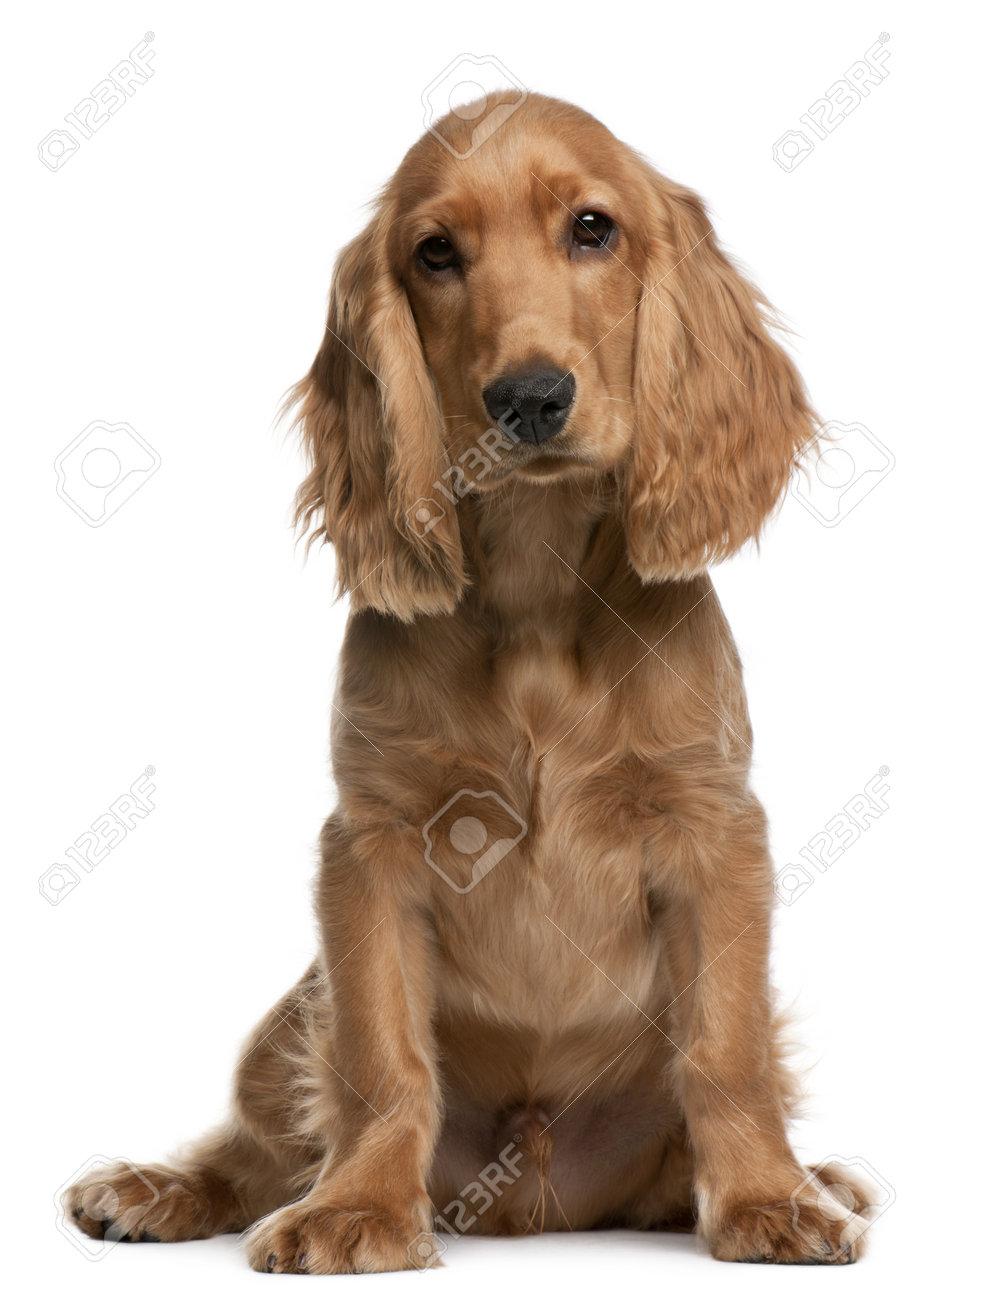 Immagini Stock English Cocker Spaniel Cucciolo 5 Mesi Di Età